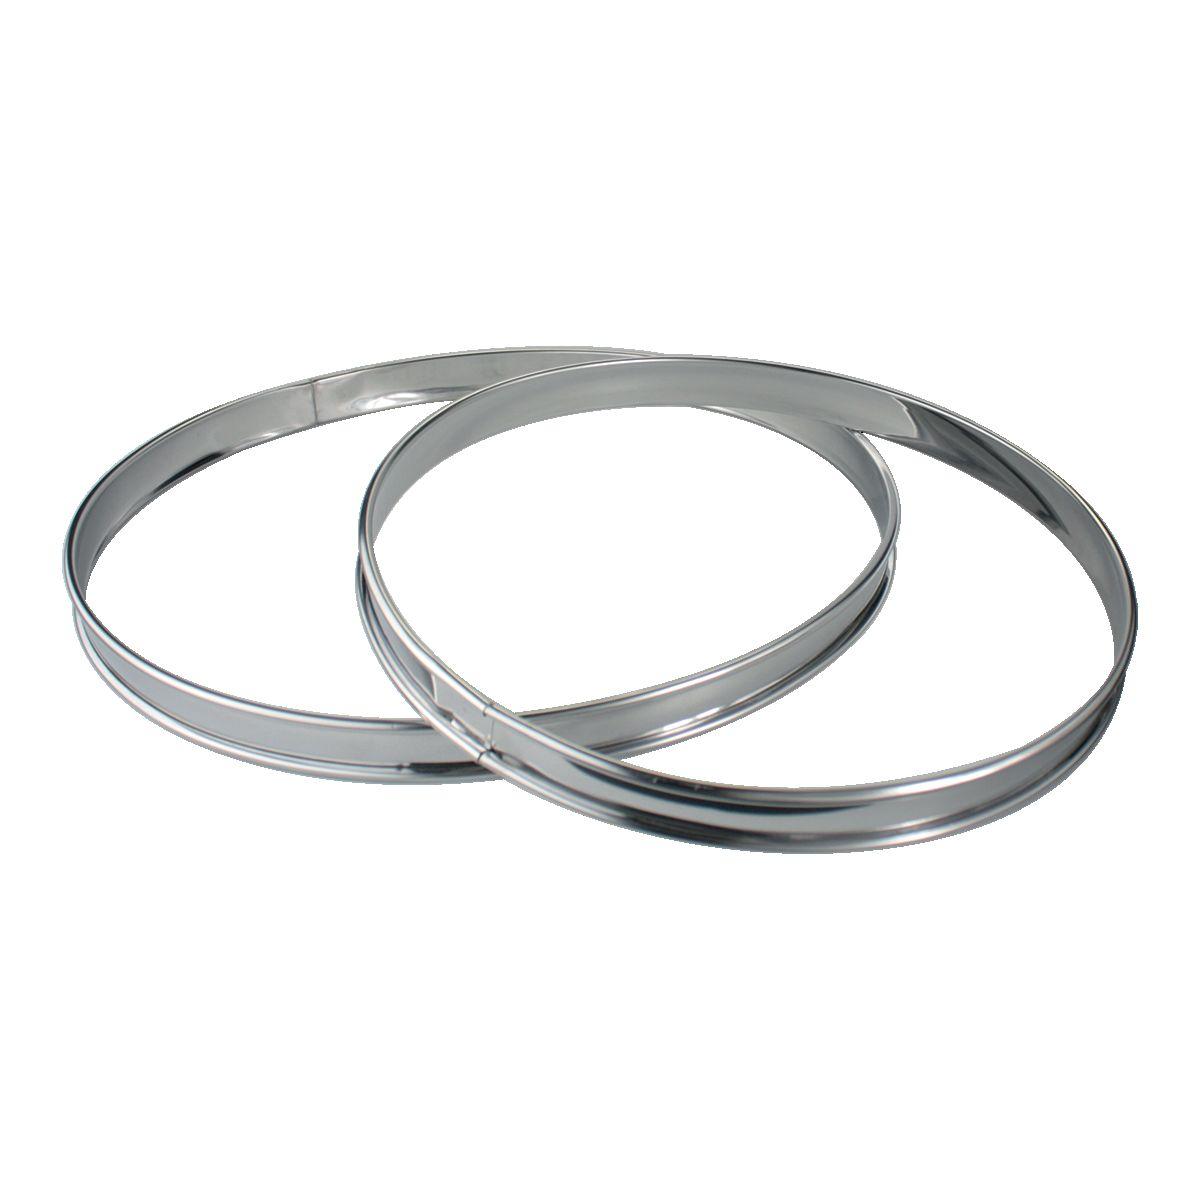 Cercle à pâtisserie ESSENTIELB de 2 cercles à tarte Inox 24 et 28 cm